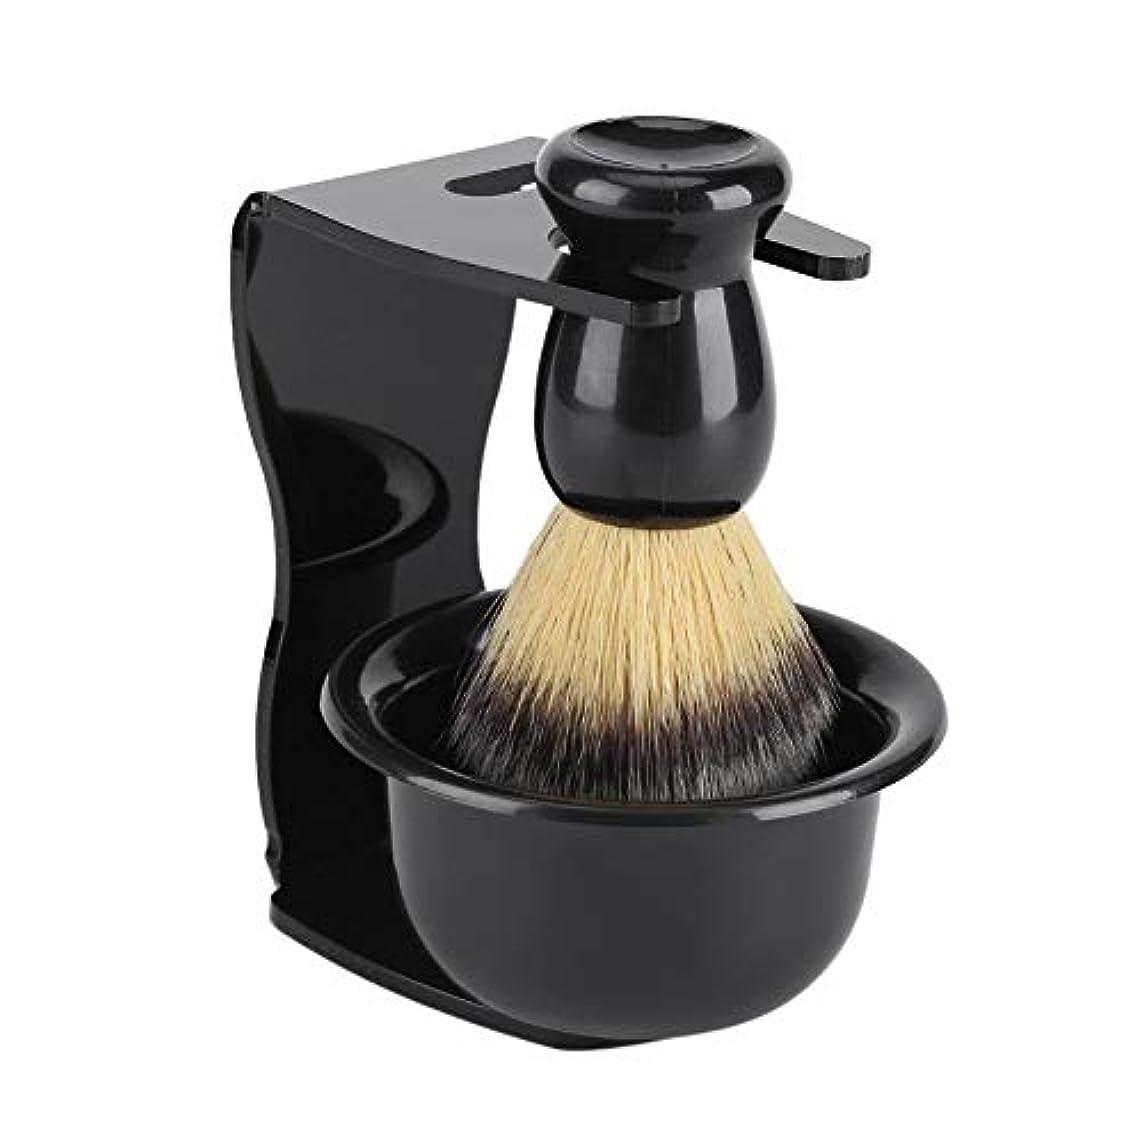 取り除くグローブ傷つける3セットひげブラシ シェービングブラシ プレゼントシェービングブラシセット プラシスタンド 石鹸ボウル 理容 洗顔 髭剃り